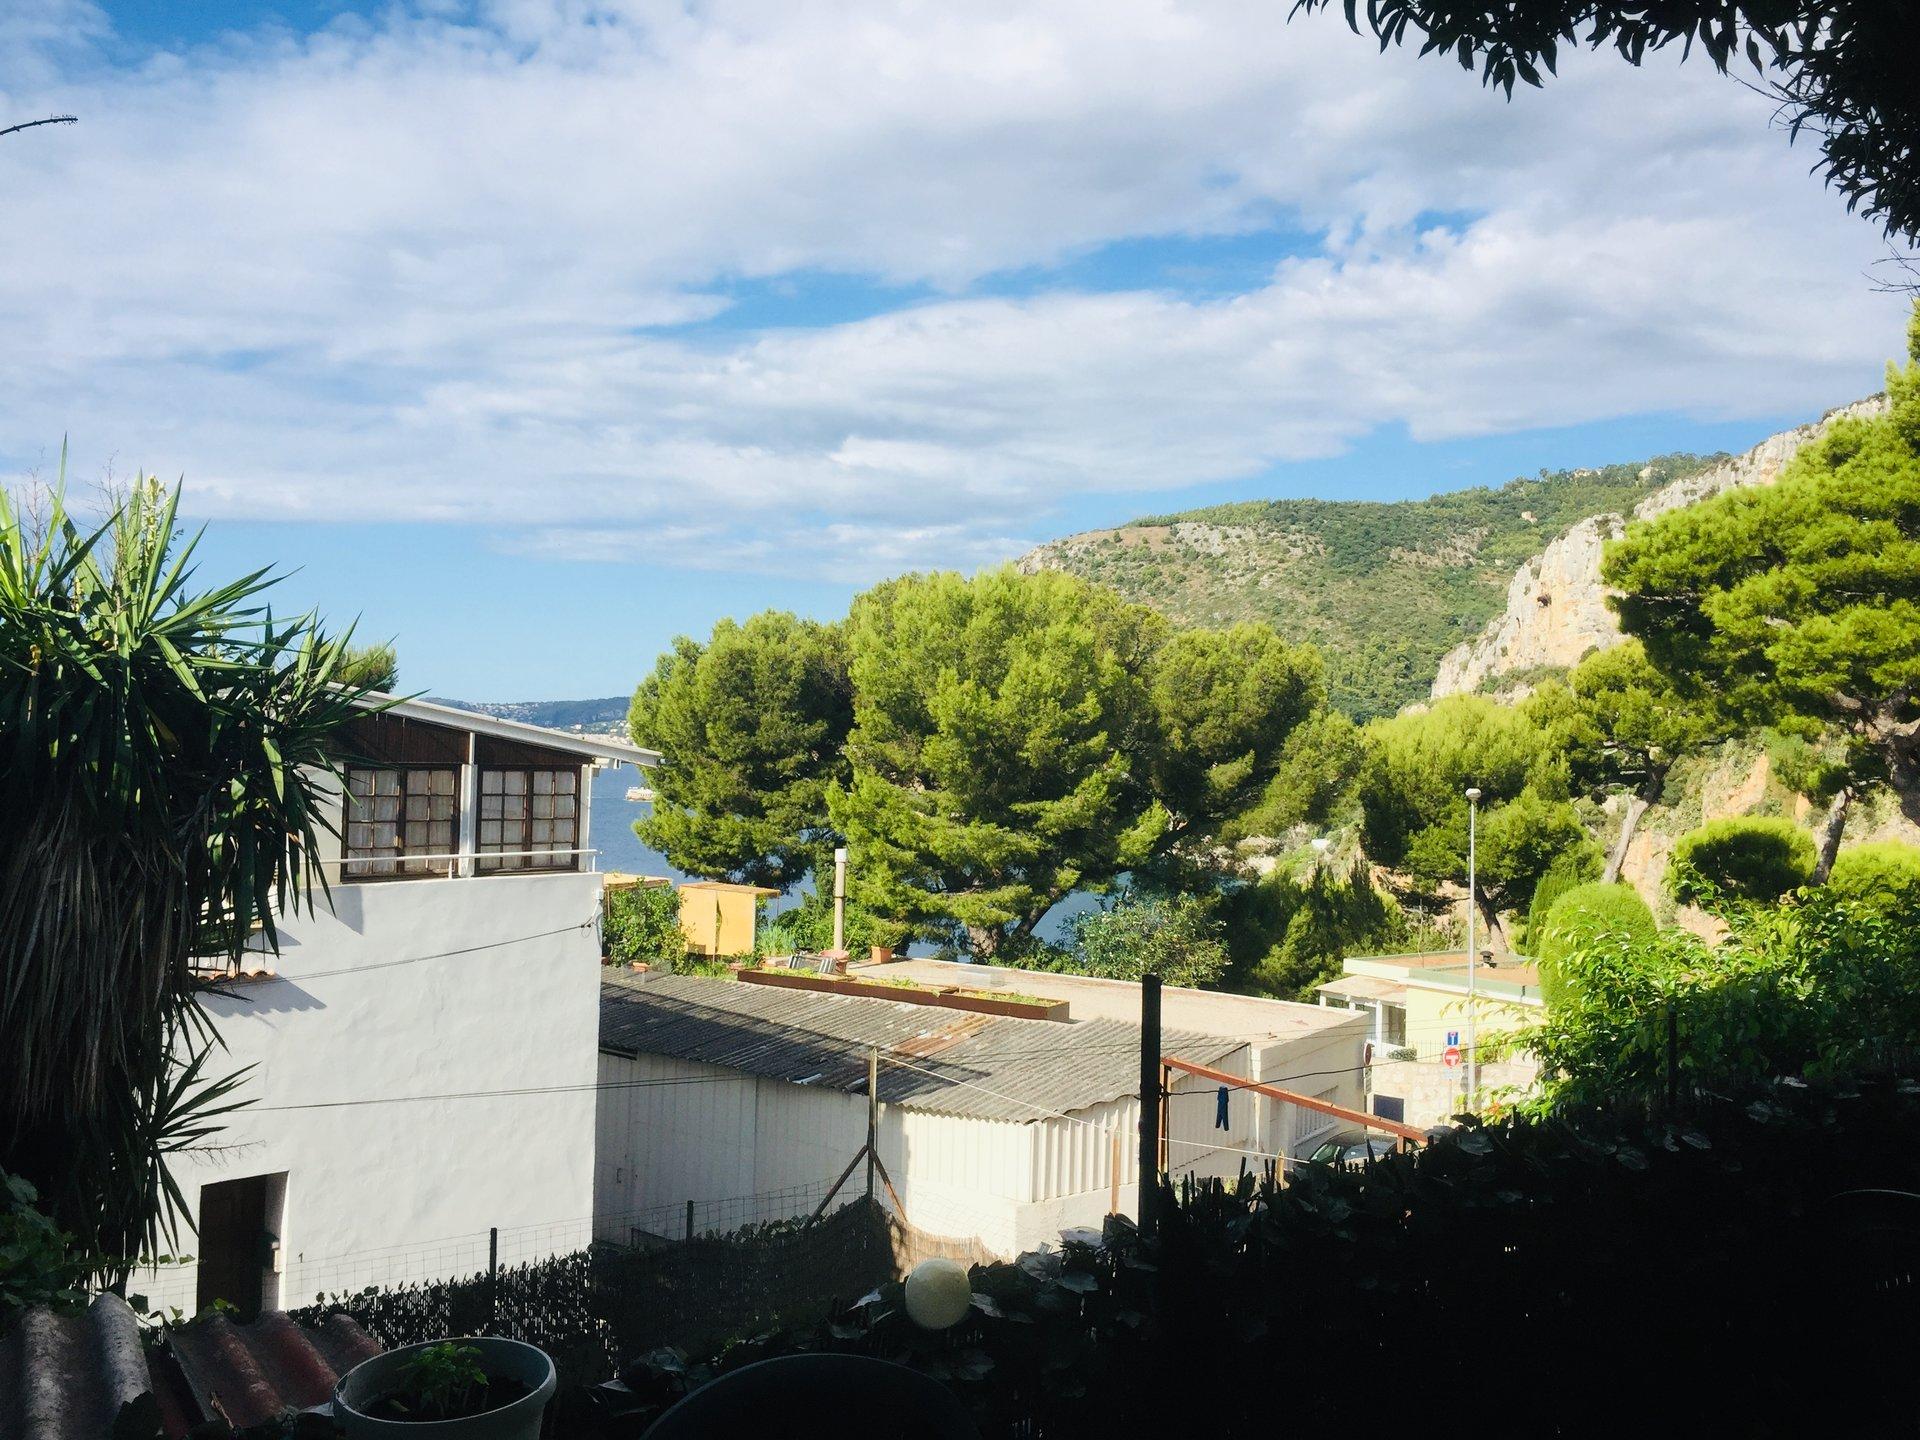 Cap d'Ail, la Mala, propriété atypique avec 2 maisons sur un terrain plat